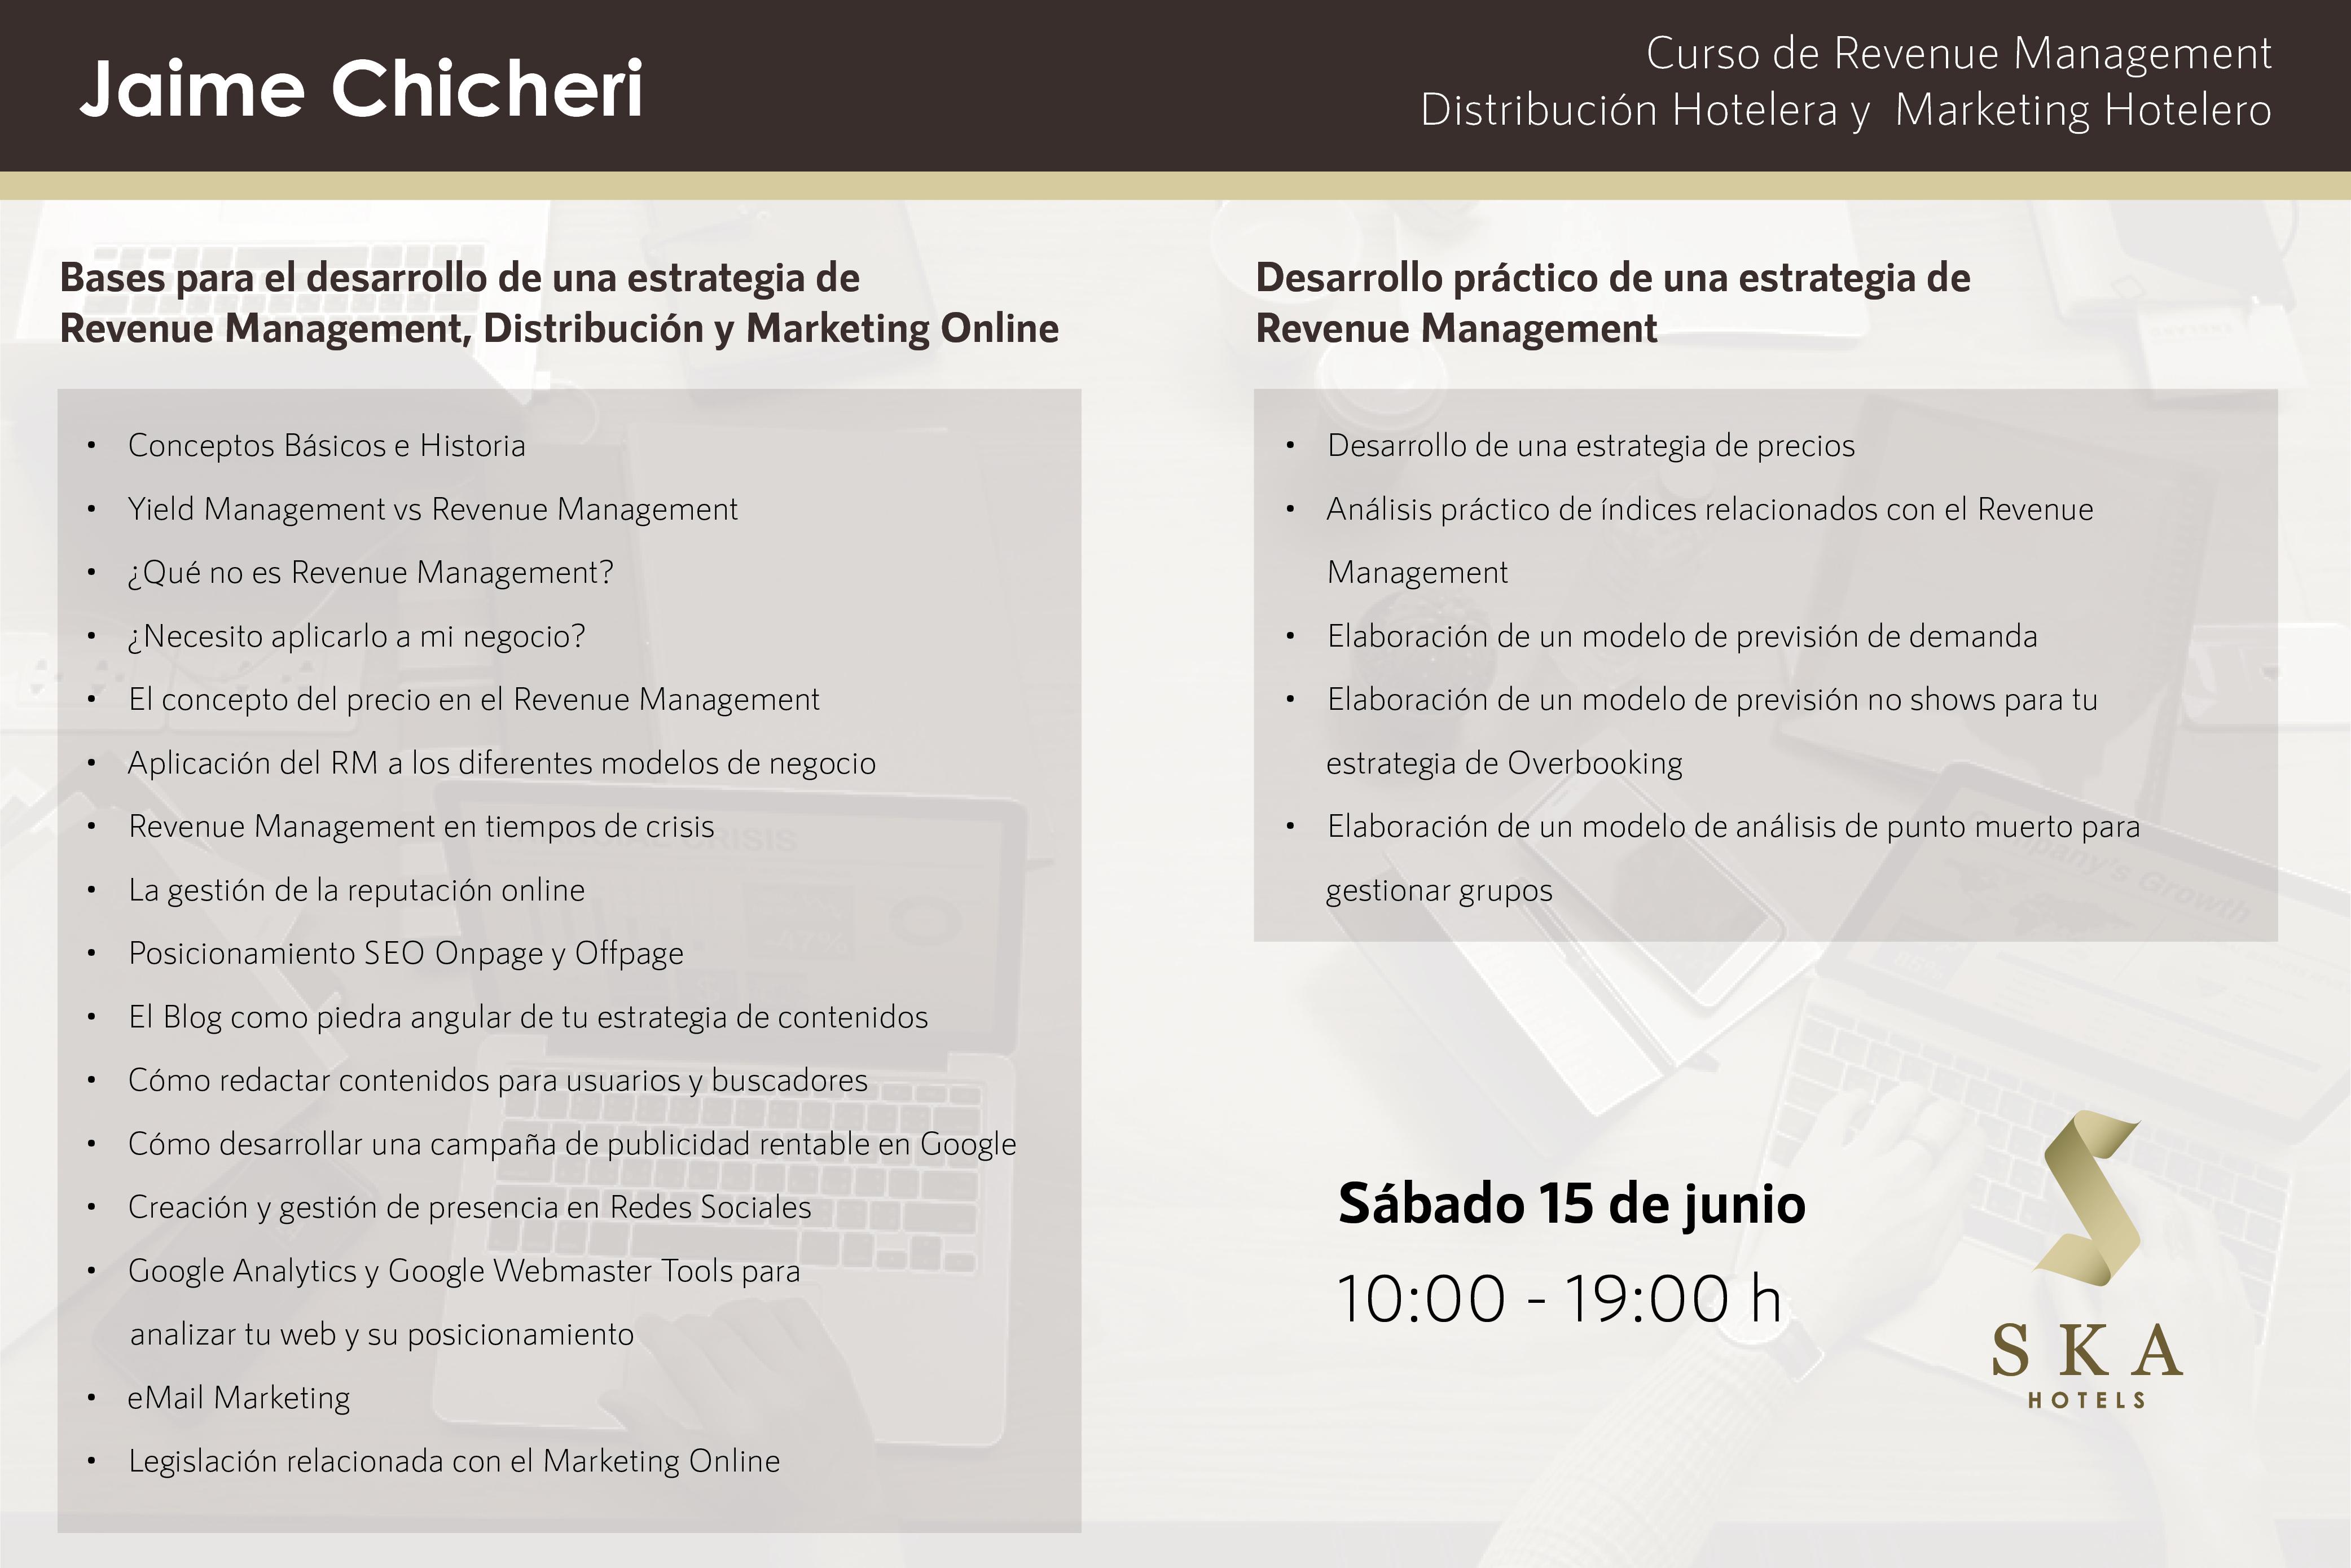 Contenido del Curso Revenue Management, Distribución Hotelera y Marketing Hotelero